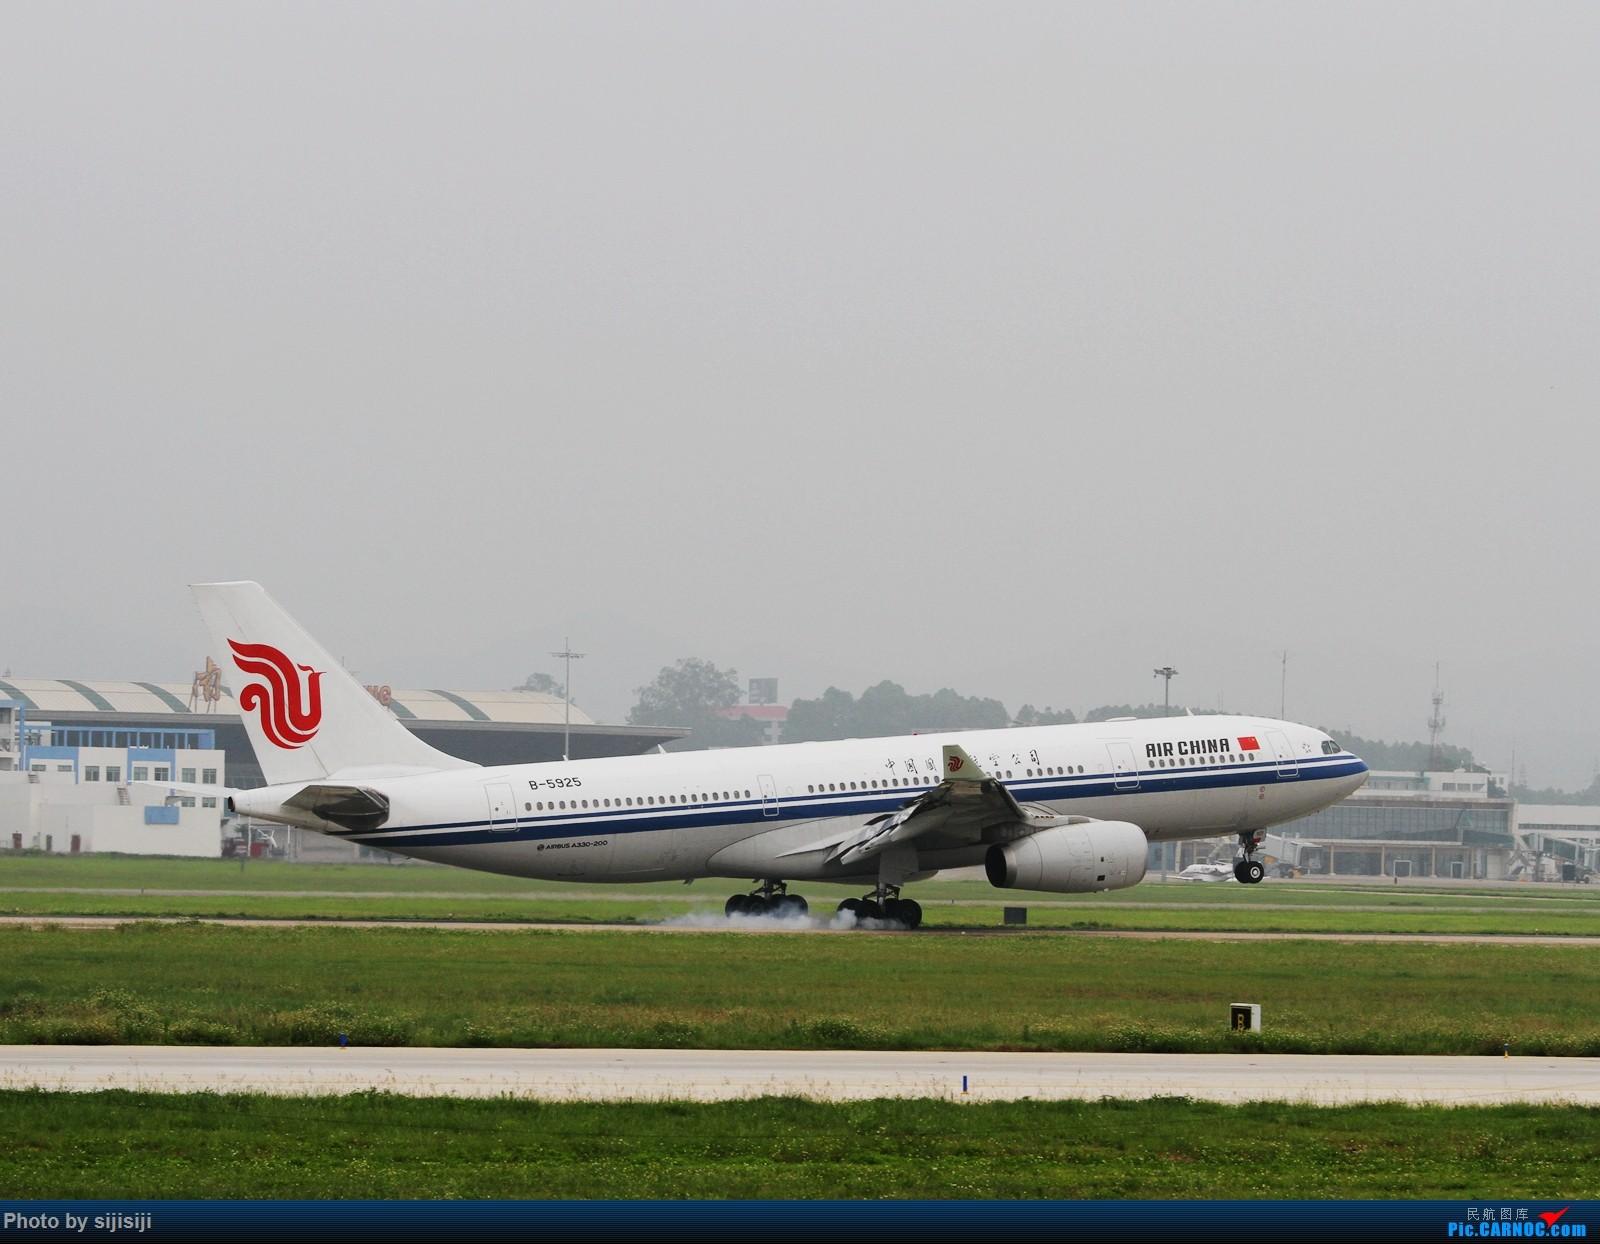 [原创]【NNG飞友】屌丝村口迎来金凤凰,国航332飞抵NNG AIRBUS A330-200 B-5925 中国南宁吴圩国际机场